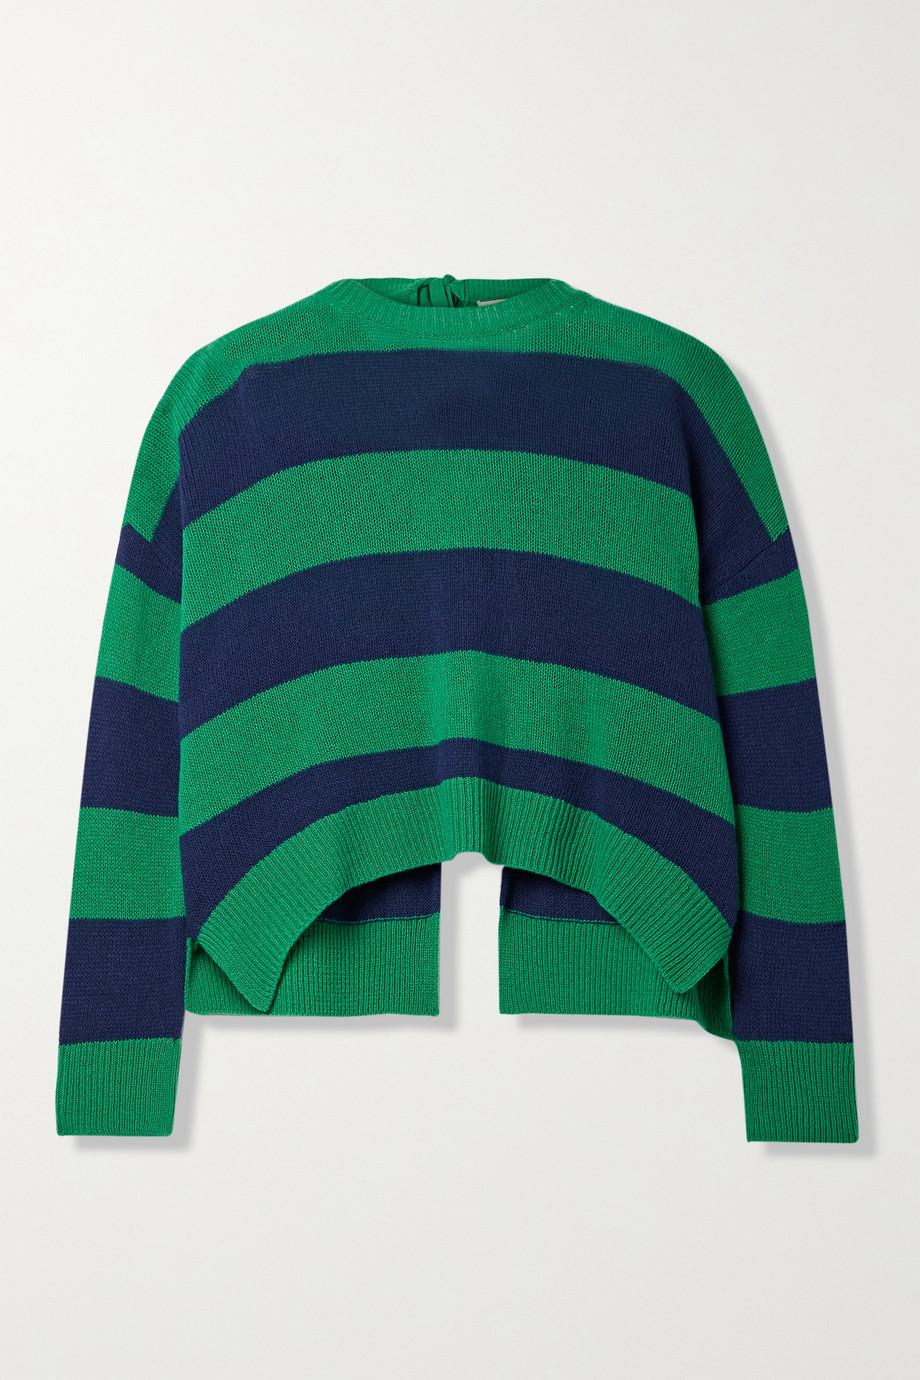 Marni Pull dos ouvert en laine et cachemire mélangés à rayures